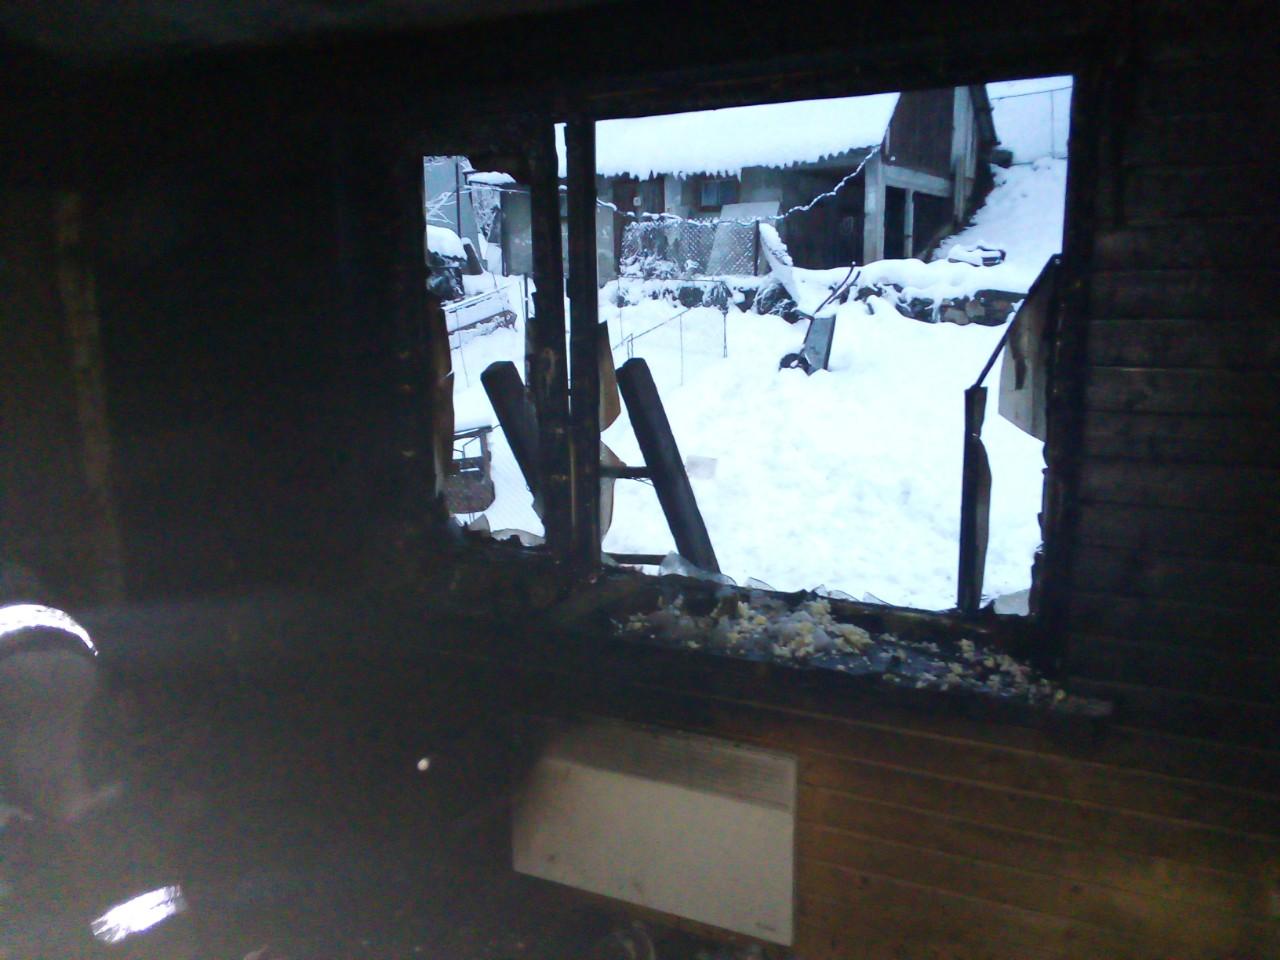 Вчора у селі Костилівка, що в Рахівському районі, врятували від смерті 6-річну дитину